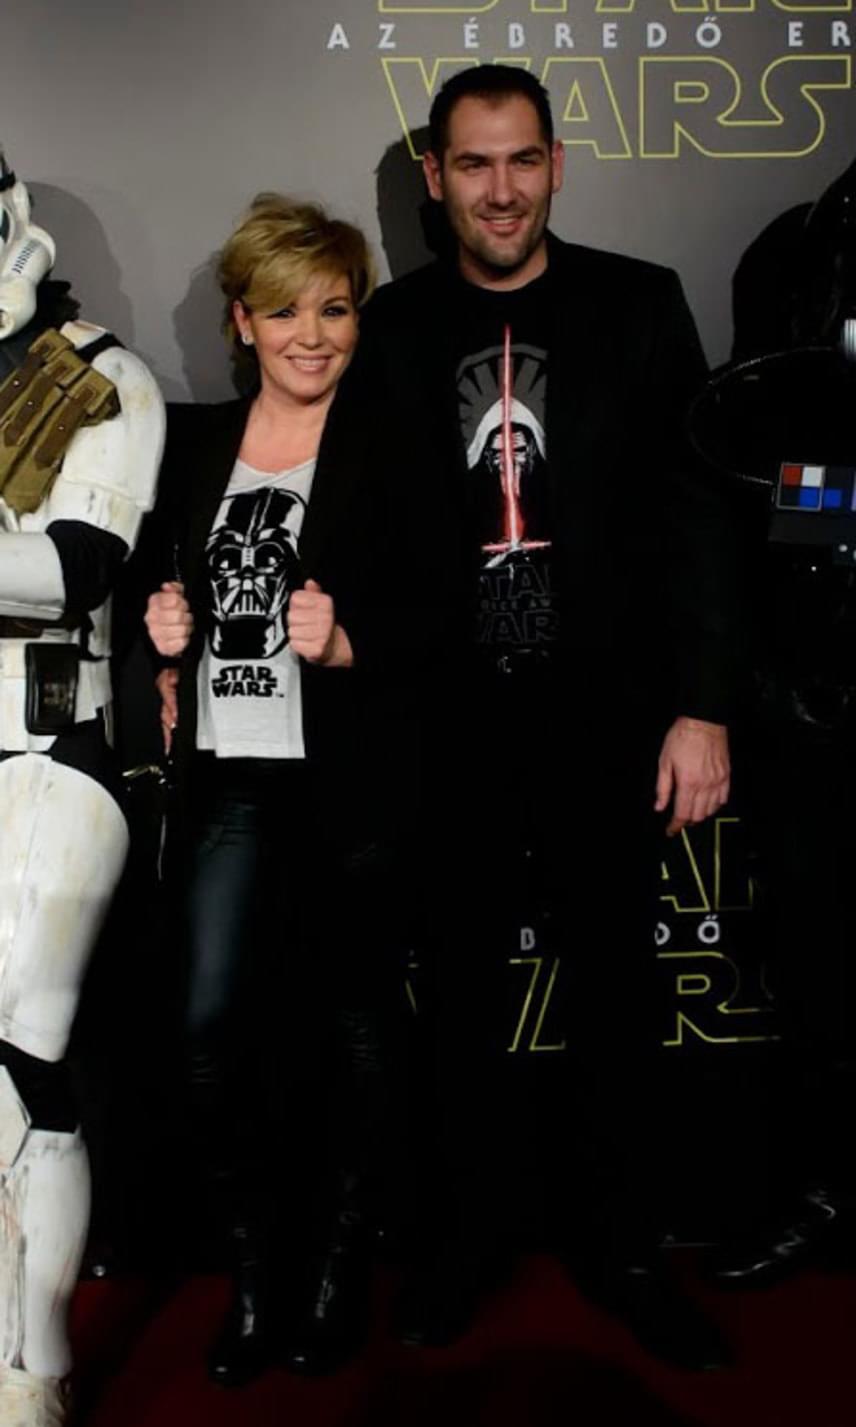 2015 decemberében a Star Wars hetedik részét, Az ébredő Erőt nézték meg együtt.